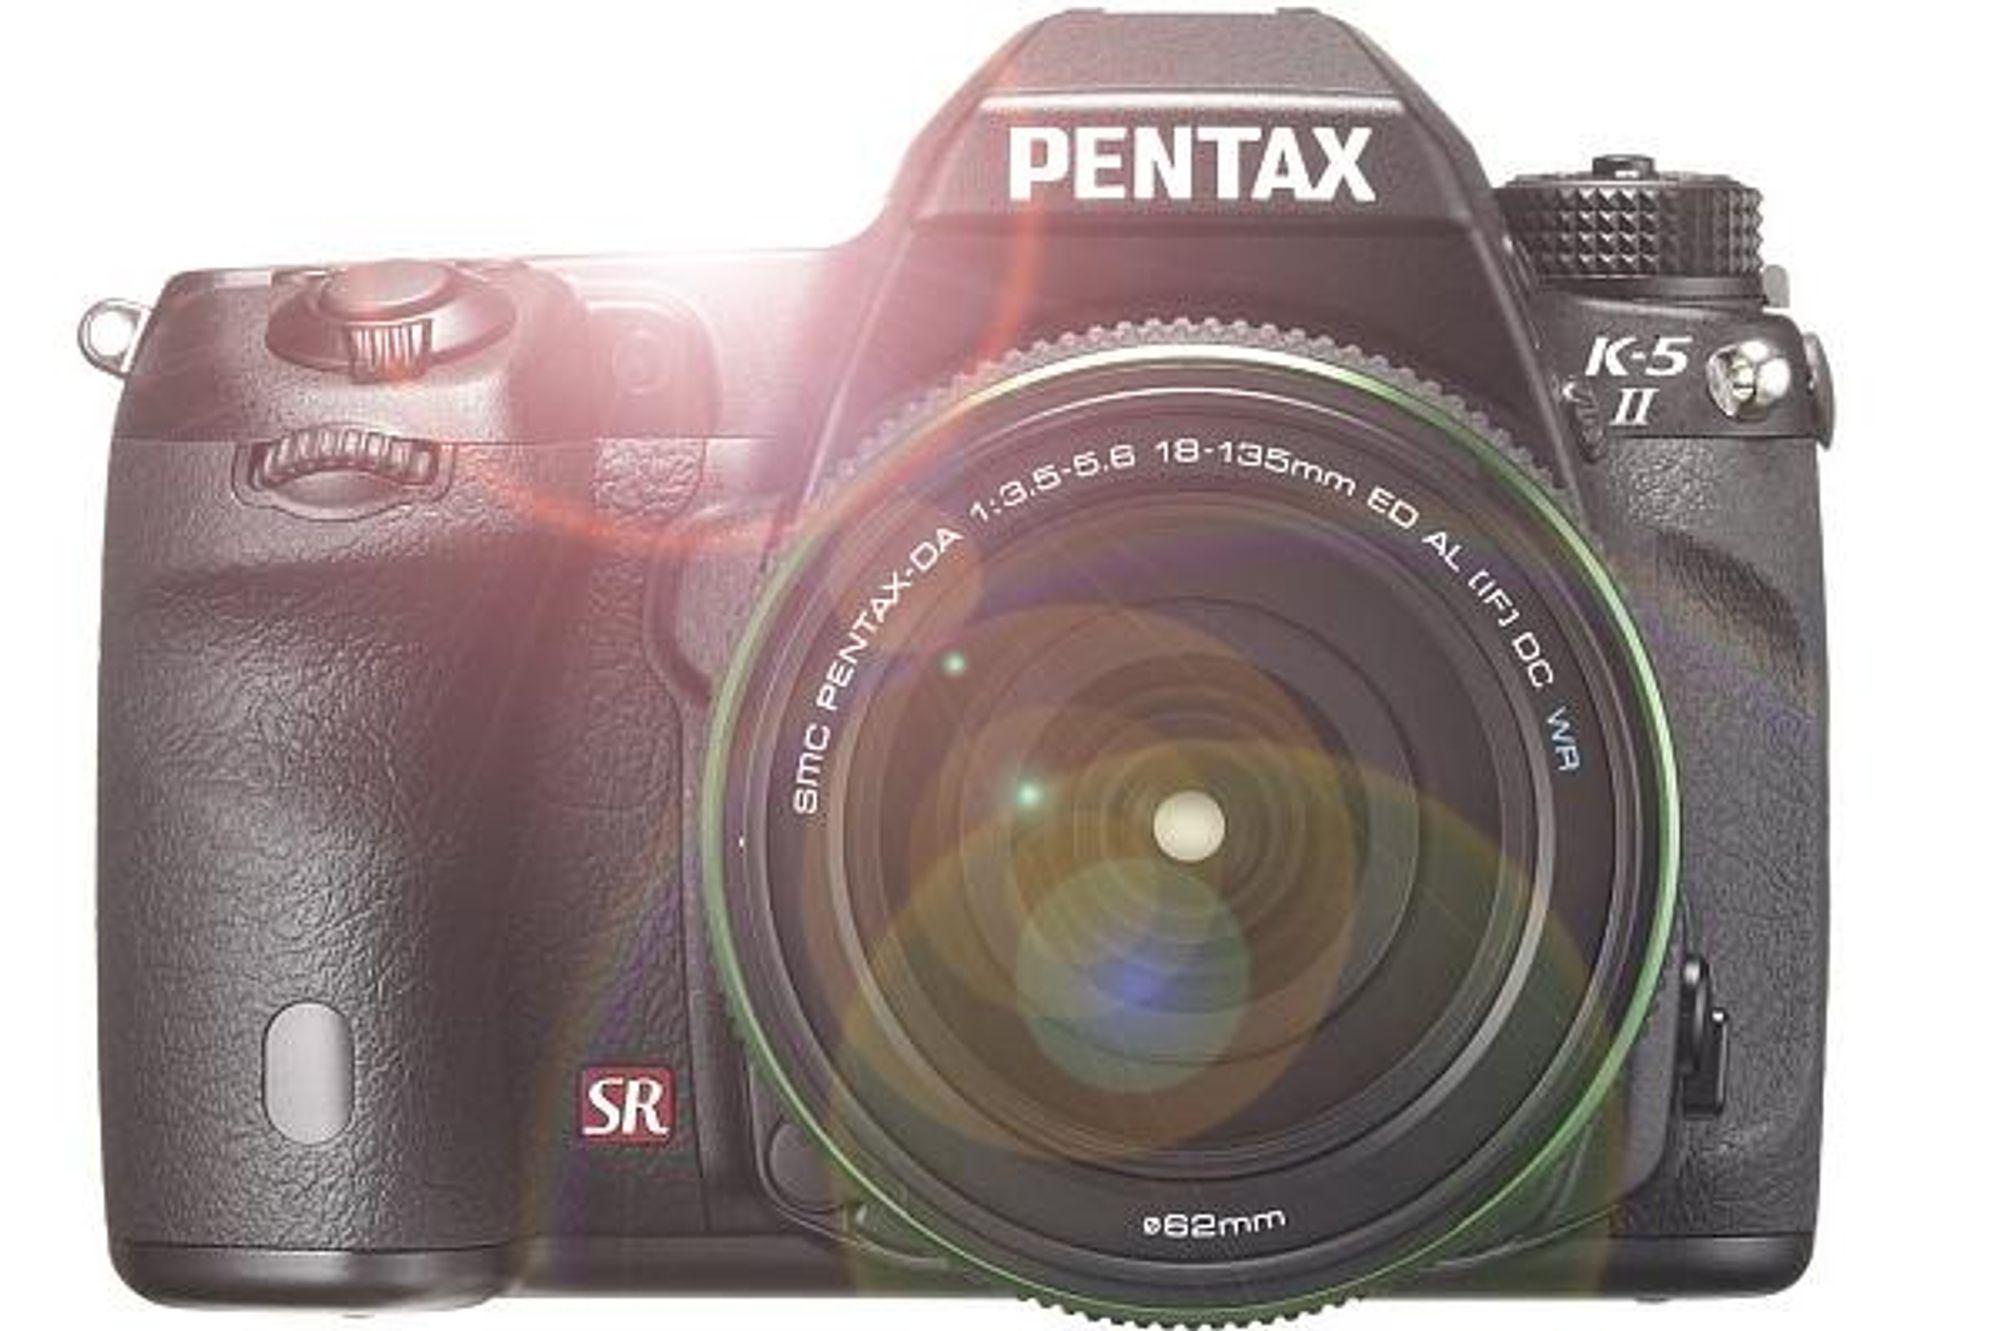 Pentax K-5 II.